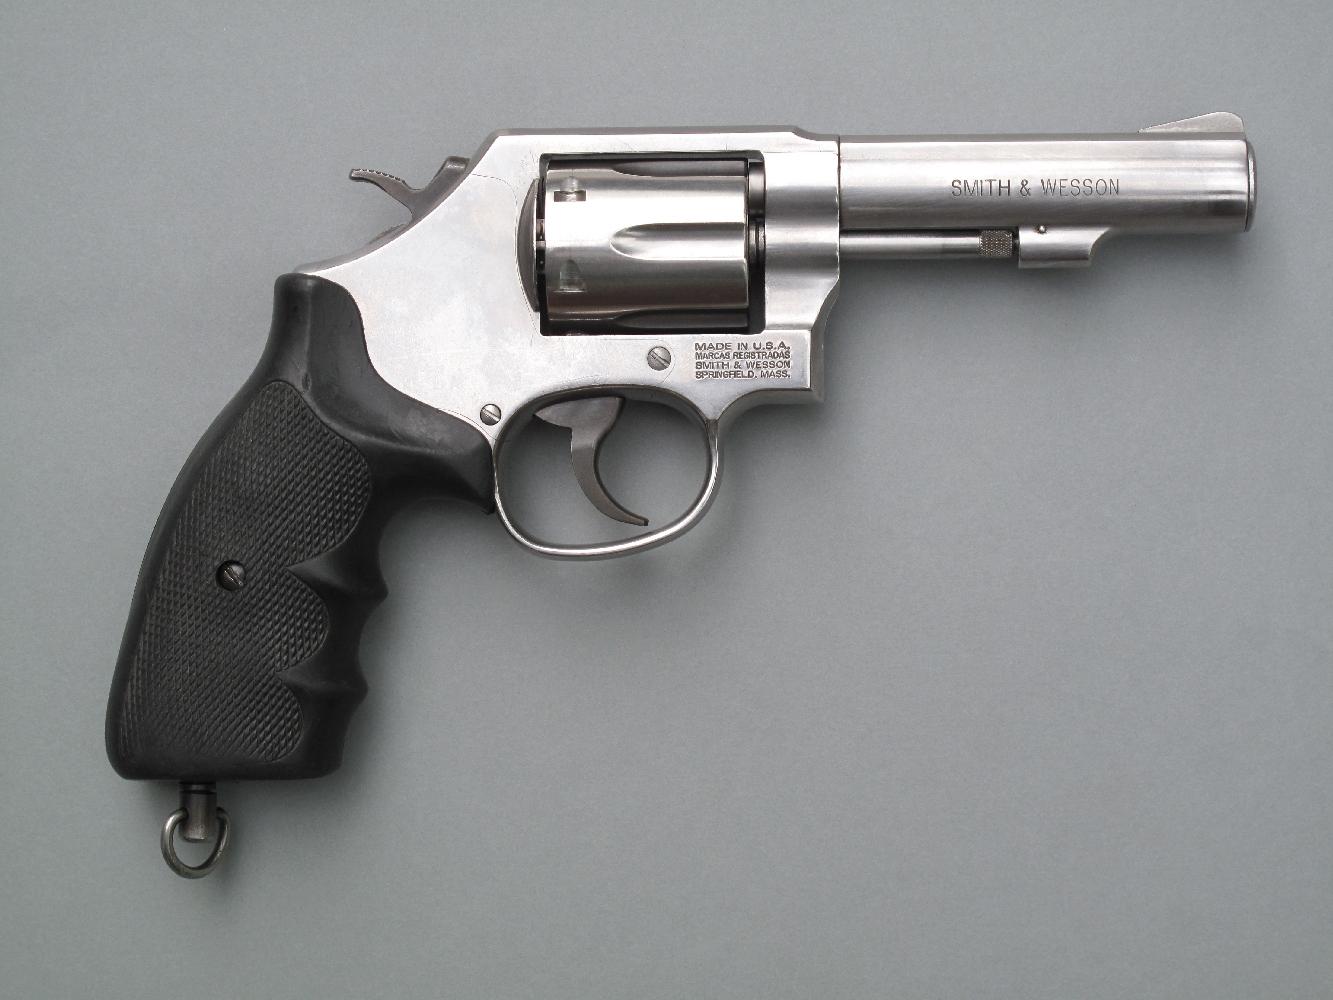 Le S&W 64 est un revolver de service à canon de quatre pouces dont la réalisation en acier inoxydable facilite les opérations de nettoyage et met l'arme à l'abri de la corrosion.